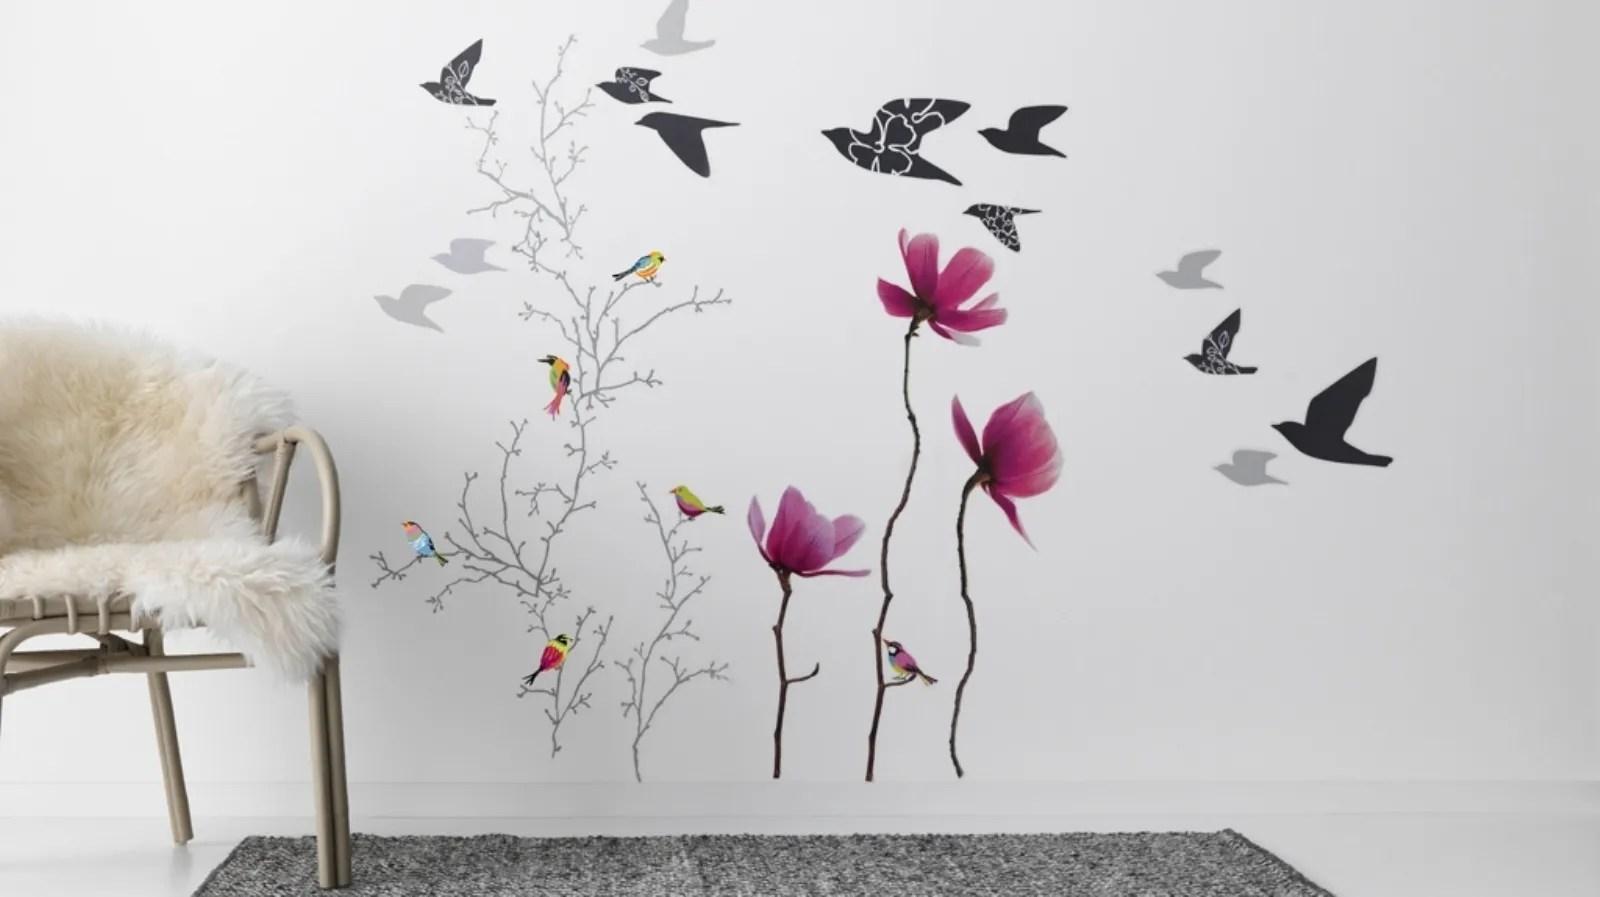 Le decorazioni murali adesive sono una risorsa per ogni angolo della vostra casa o del vostro spazio lavorativo.grazie a questi adesivi vi sarà la possibilità di rendere ogni ambiente personalizzato, accogliente e rinnovato. Adesivi Murali Ikea Decorare Casa Facilmente